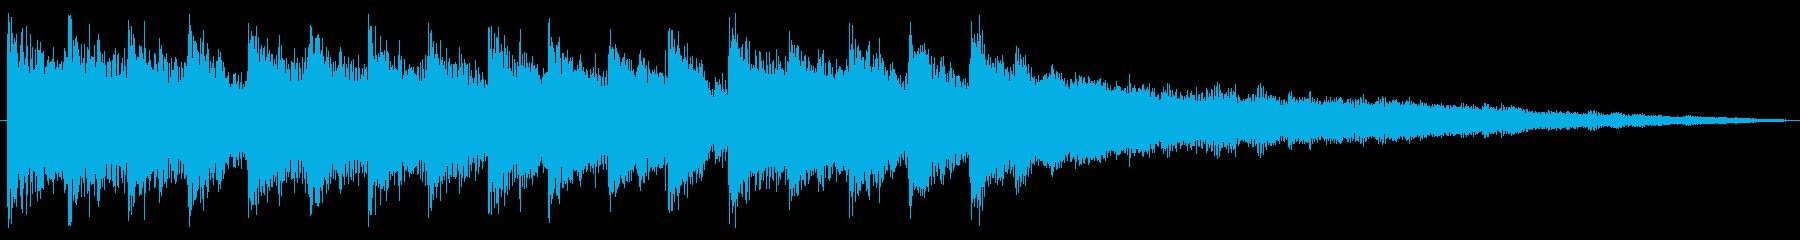 15秒・コーポレートジングル・WEB広告の再生済みの波形